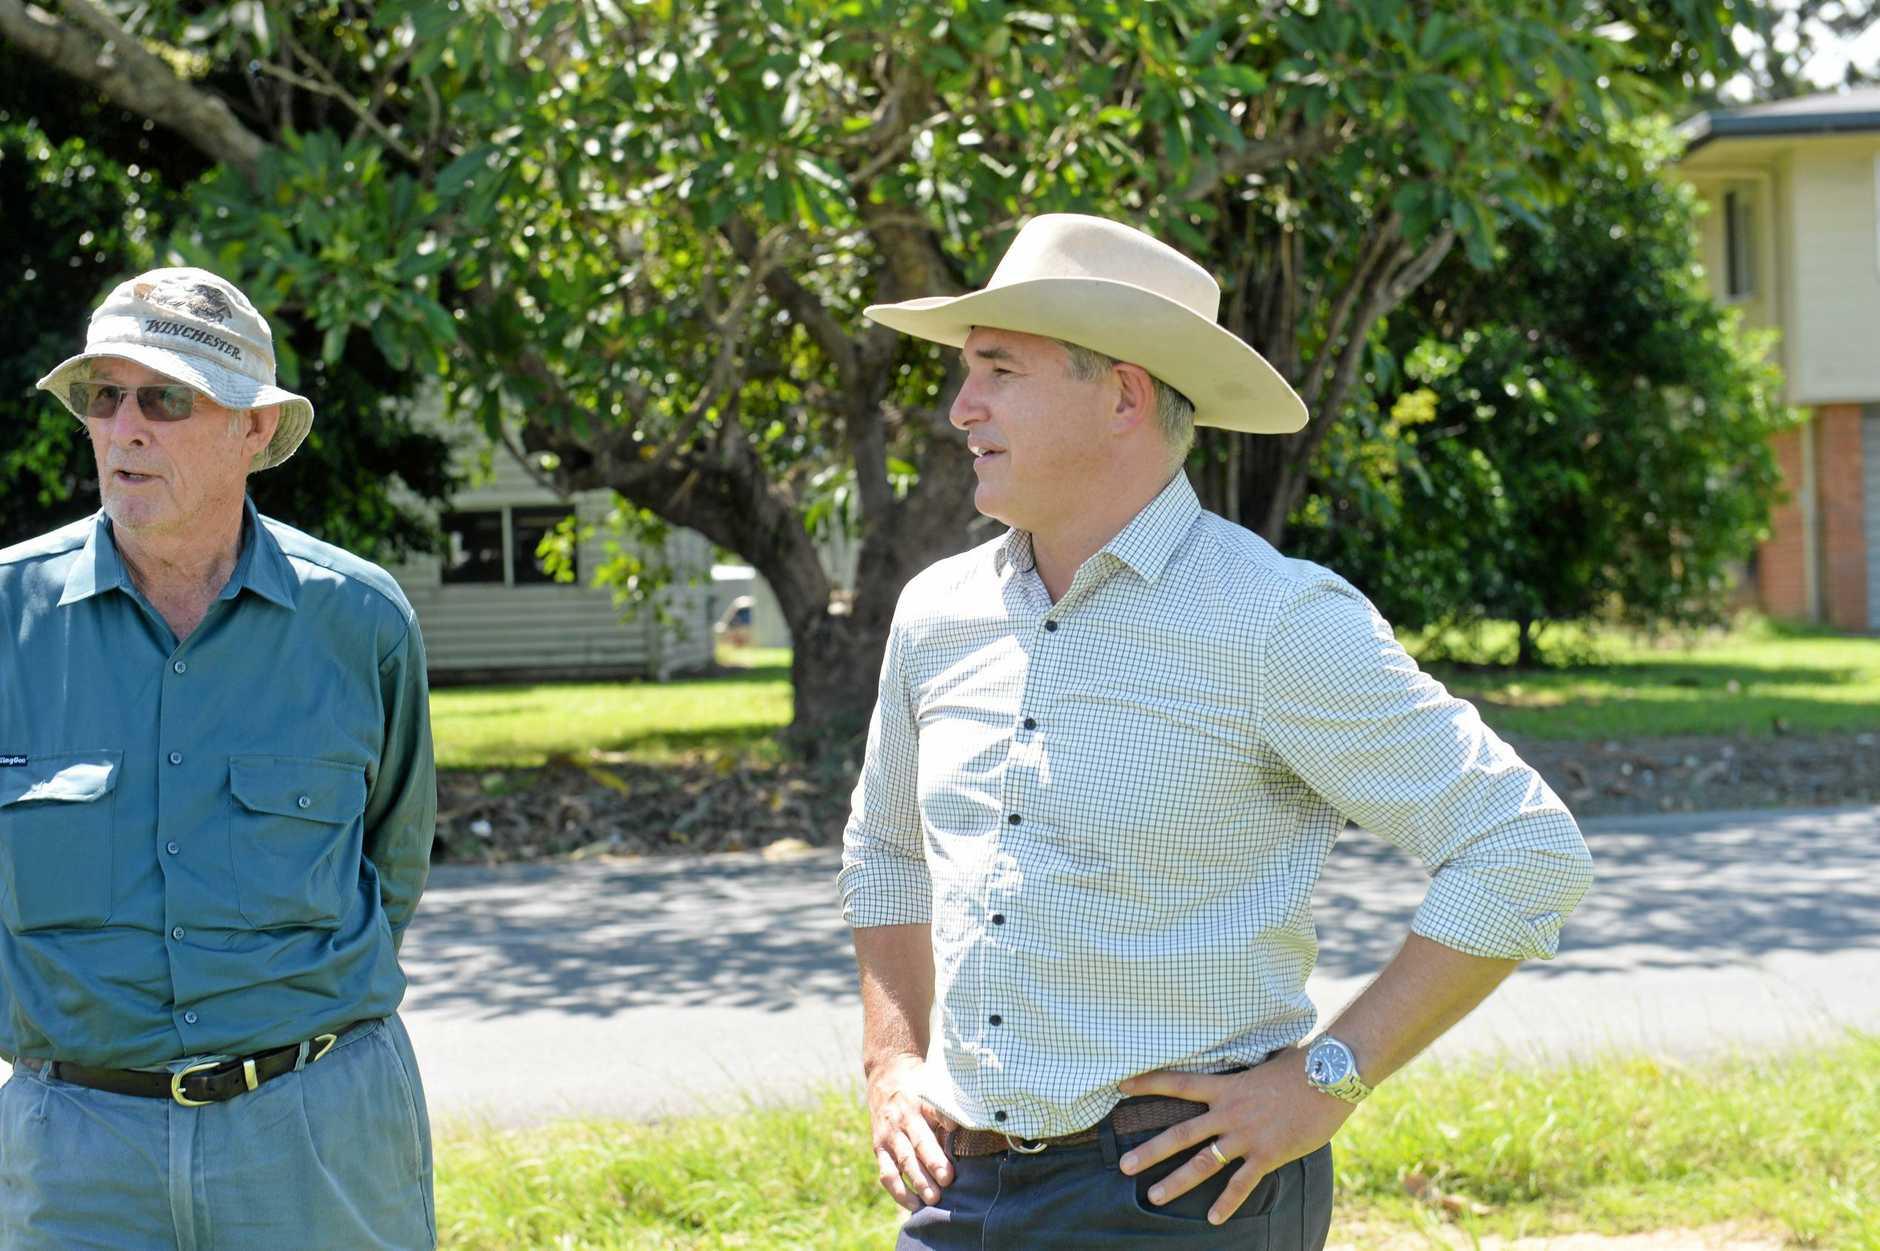 Robbie Katter was in Mackay to talk to Mackay Sugar stakeholders and growers.